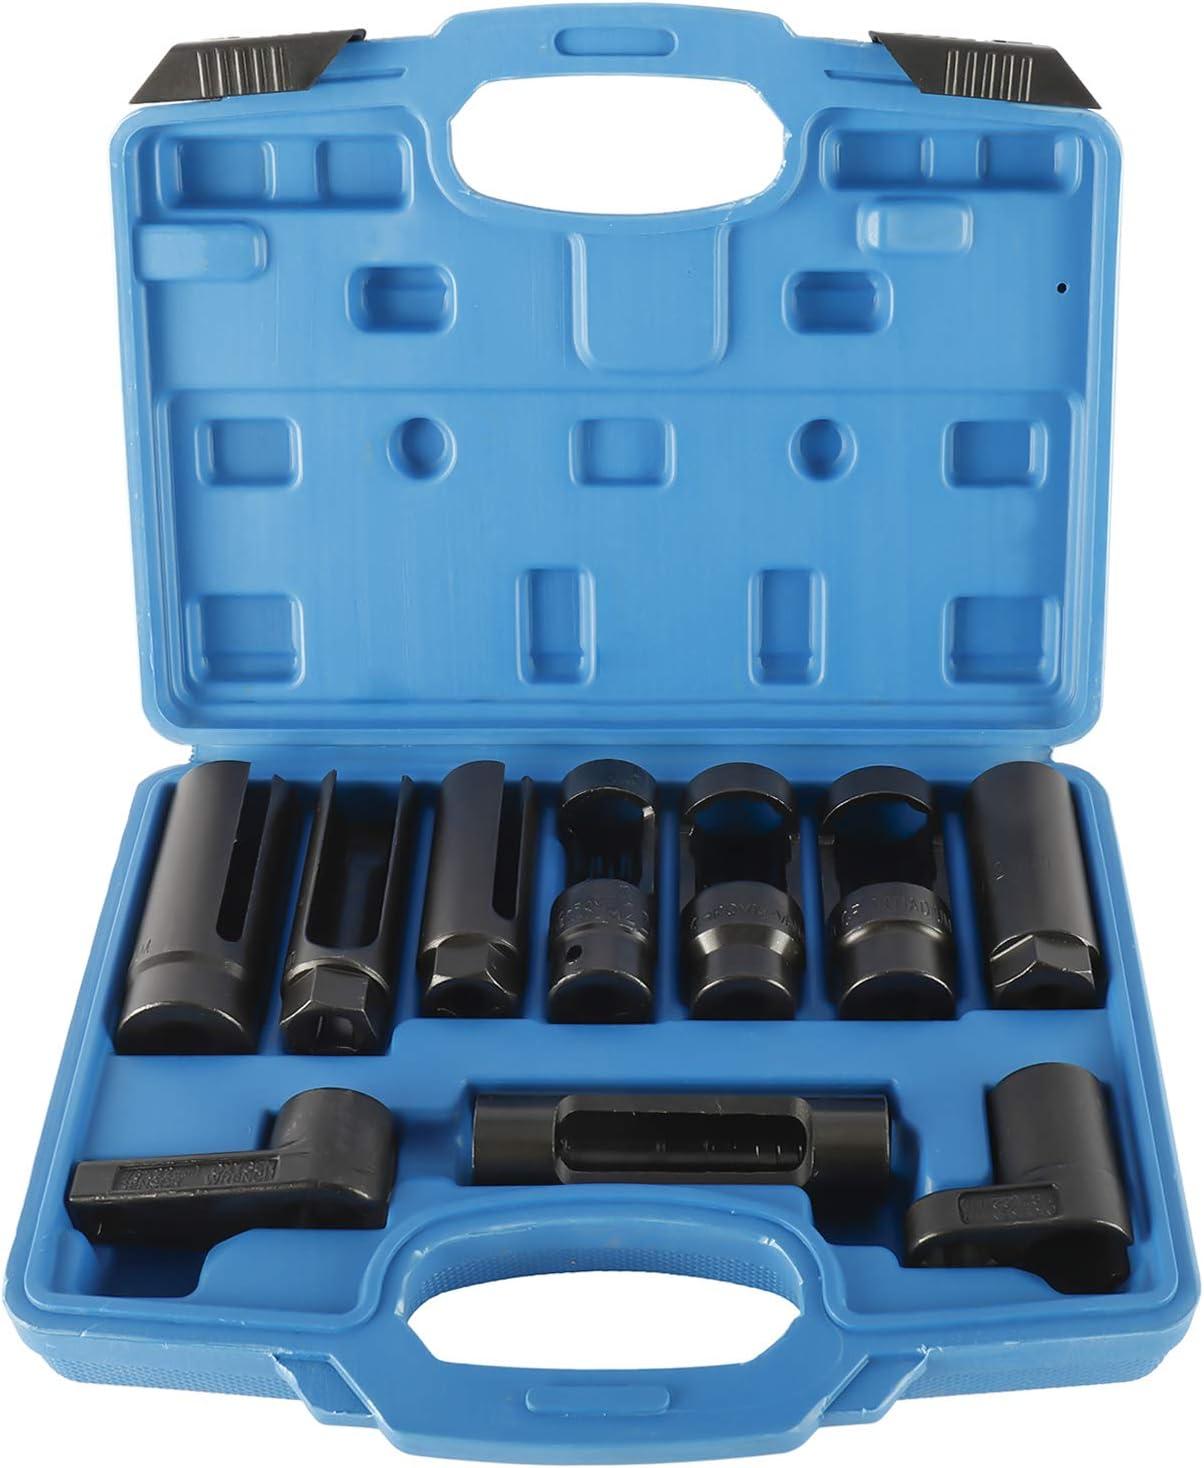 FreeTec Juego de 10 piezas de sonda lambda especial para llaves de vaso